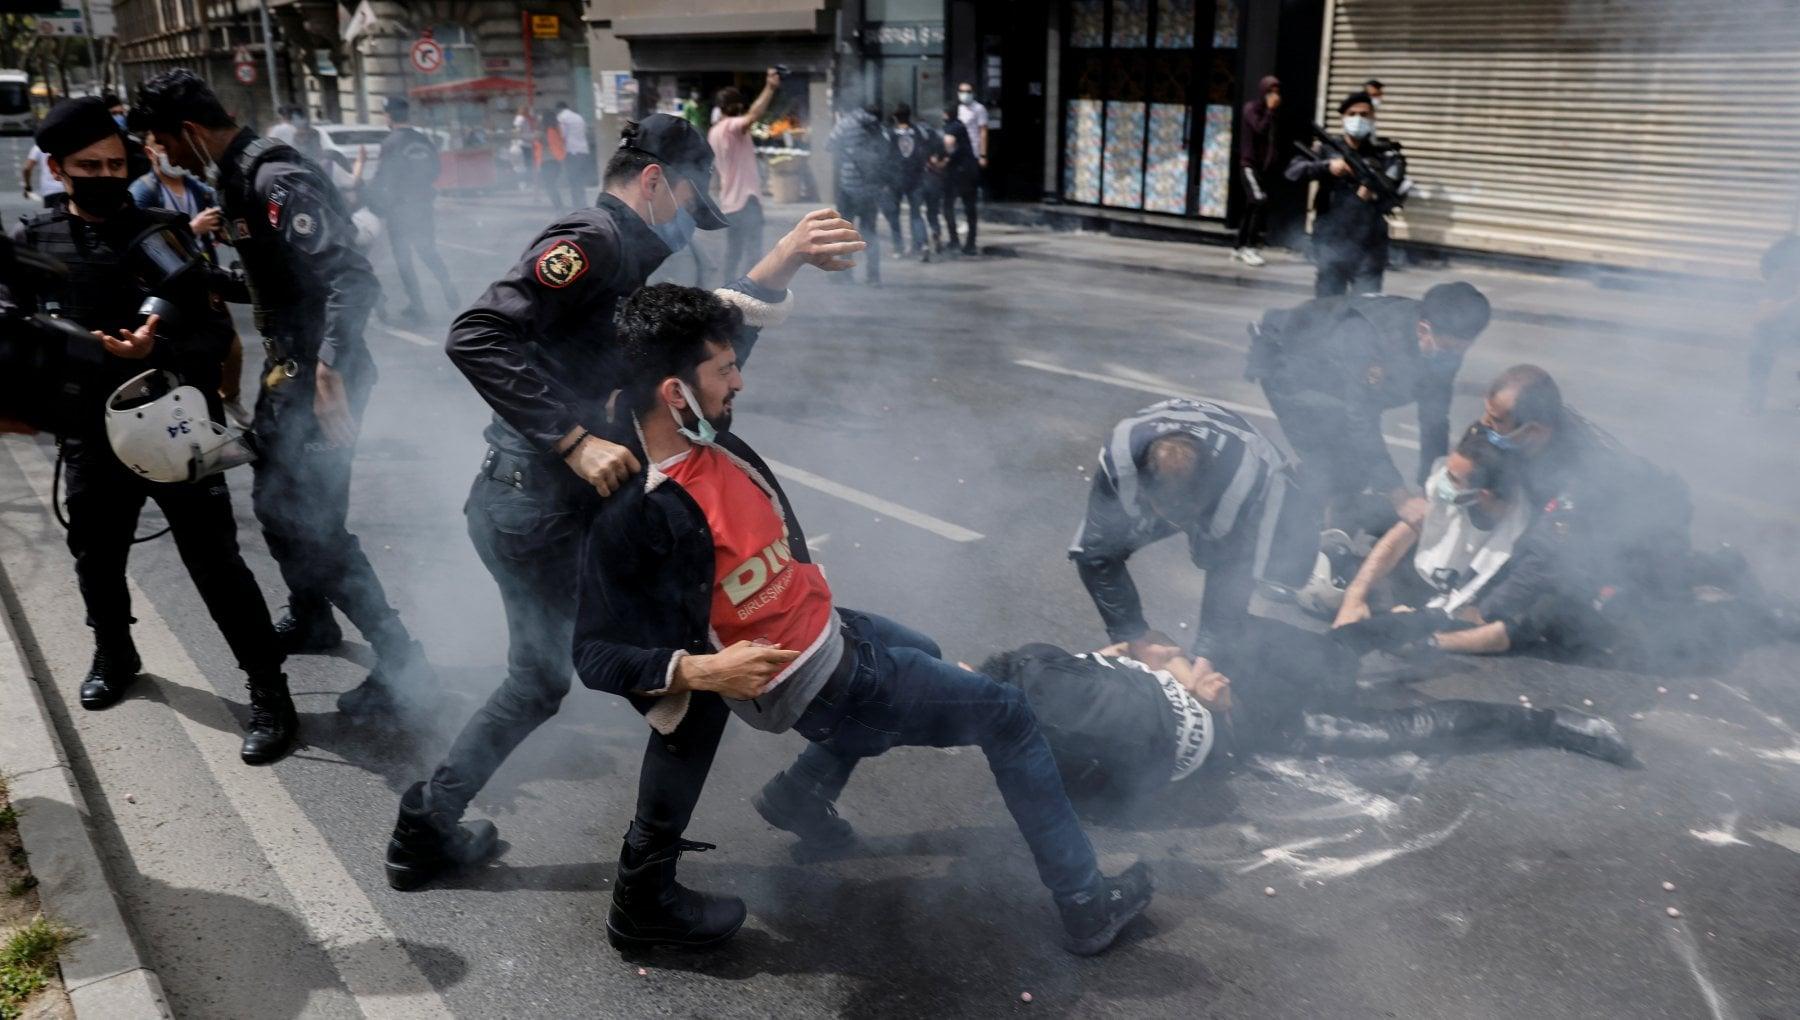 085936979 8ae8b1c6 030f 417b a6d7 40d98d291712 - Turchia, centinaia di arresti nelle manifestazioni del Primo maggio